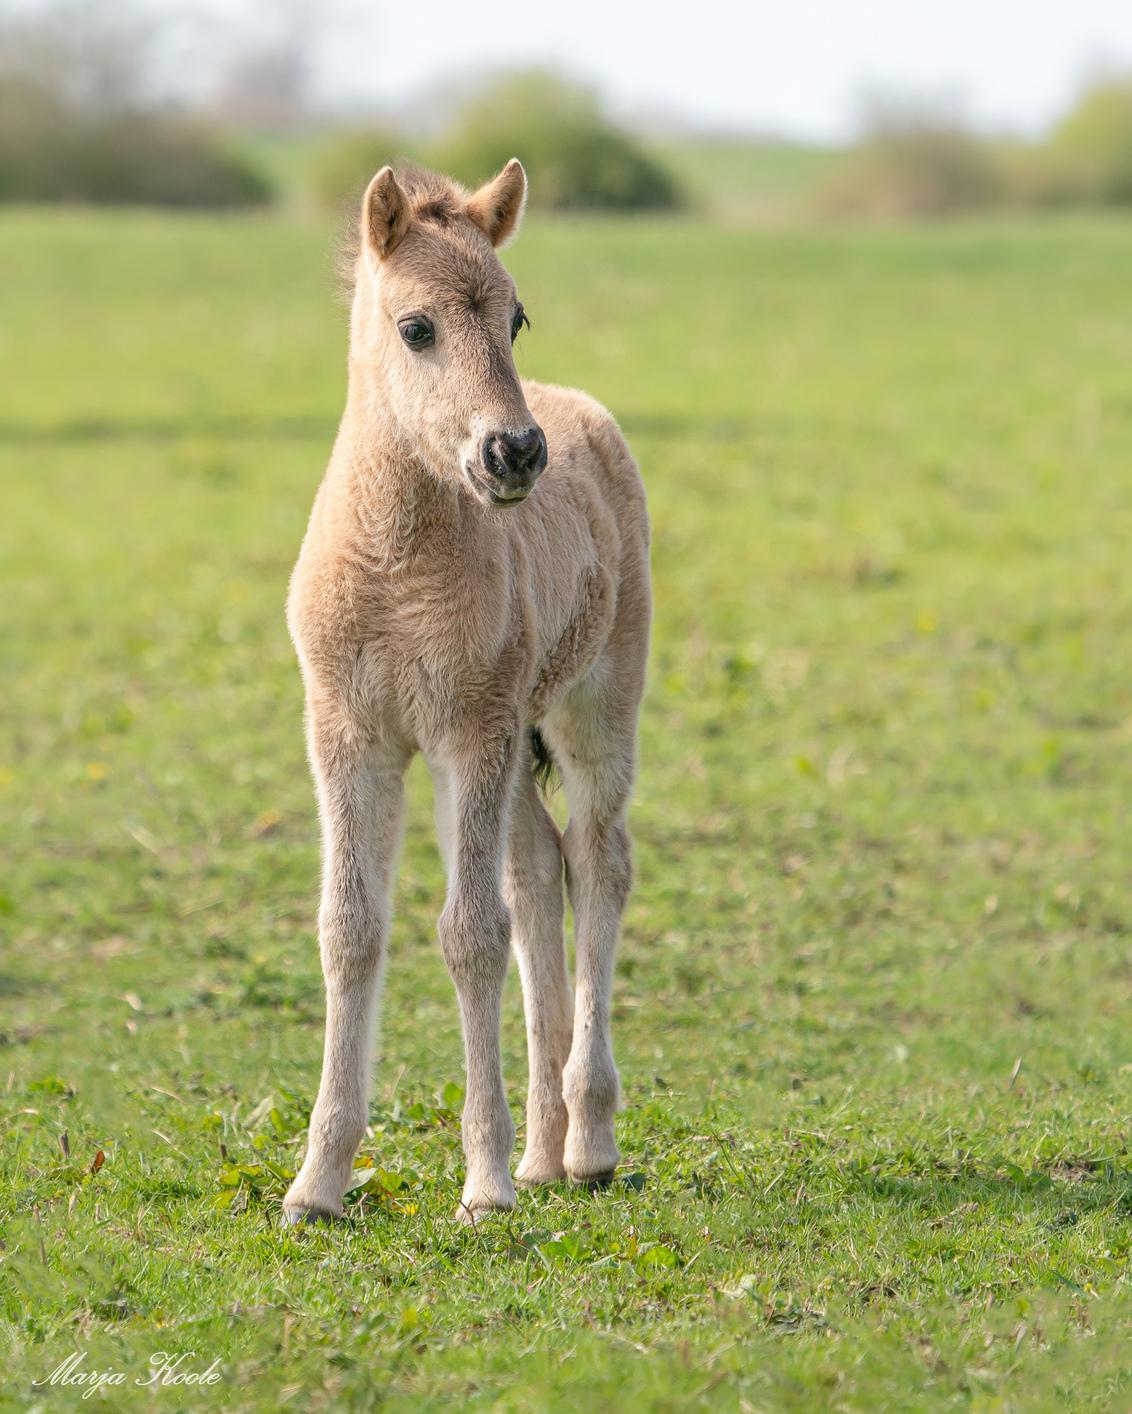 Jong leven - In natuurgebied De Blauwe Kamer bij Wageningen leeft een kudde Konik paarden. Daar waren inmiddels 3 veulens geboren. Meestal dicht bij mamma lopend, - foto door Marja8032 op 05-04-2021 - deze foto bevat: natuur, paard, veulen, konik